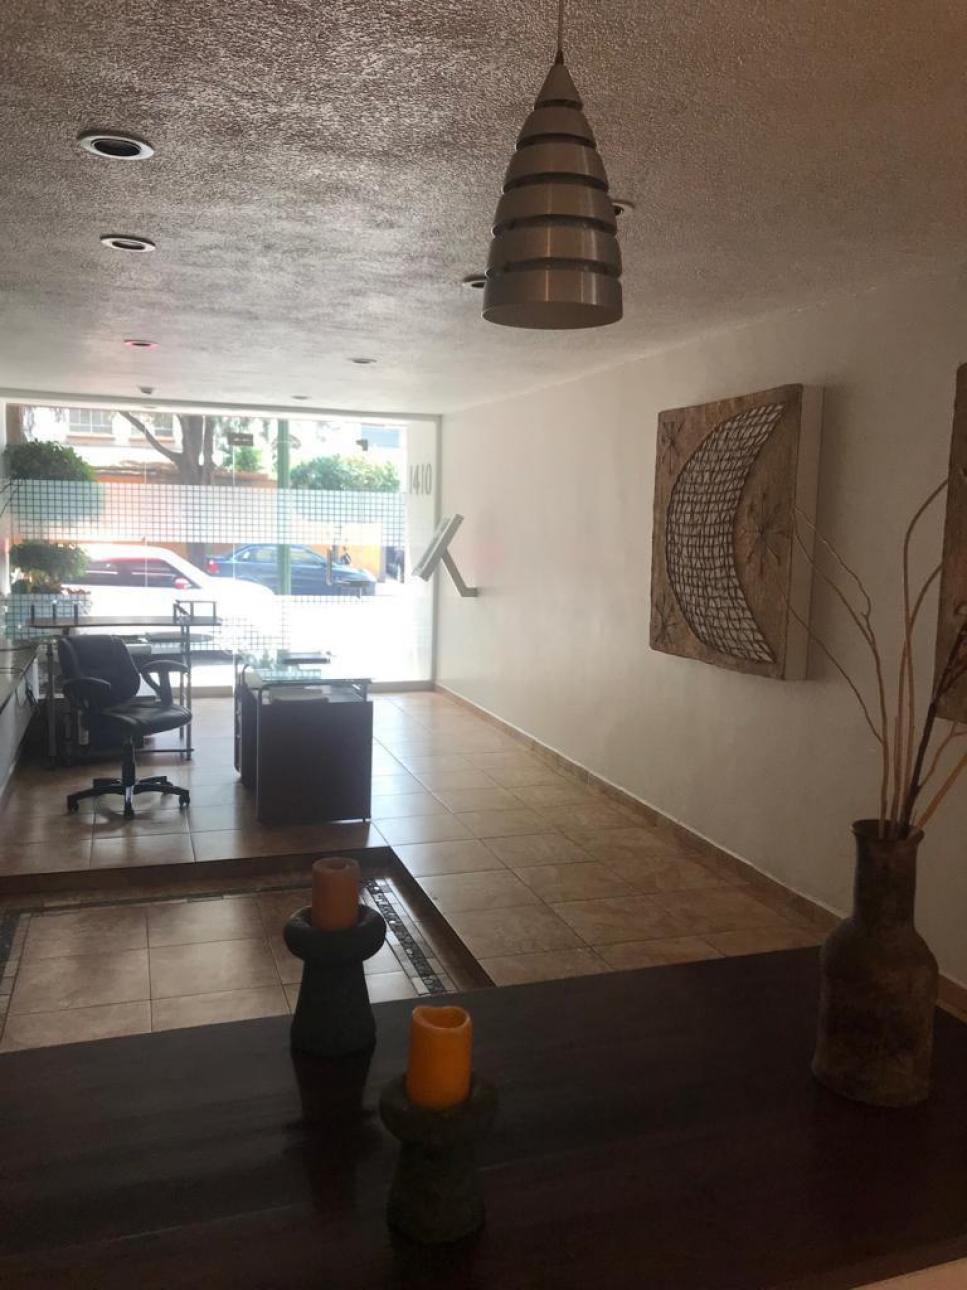 Alquiler de Departamento 5 o mas ambientes en Benito Juárez Del Valle Centro